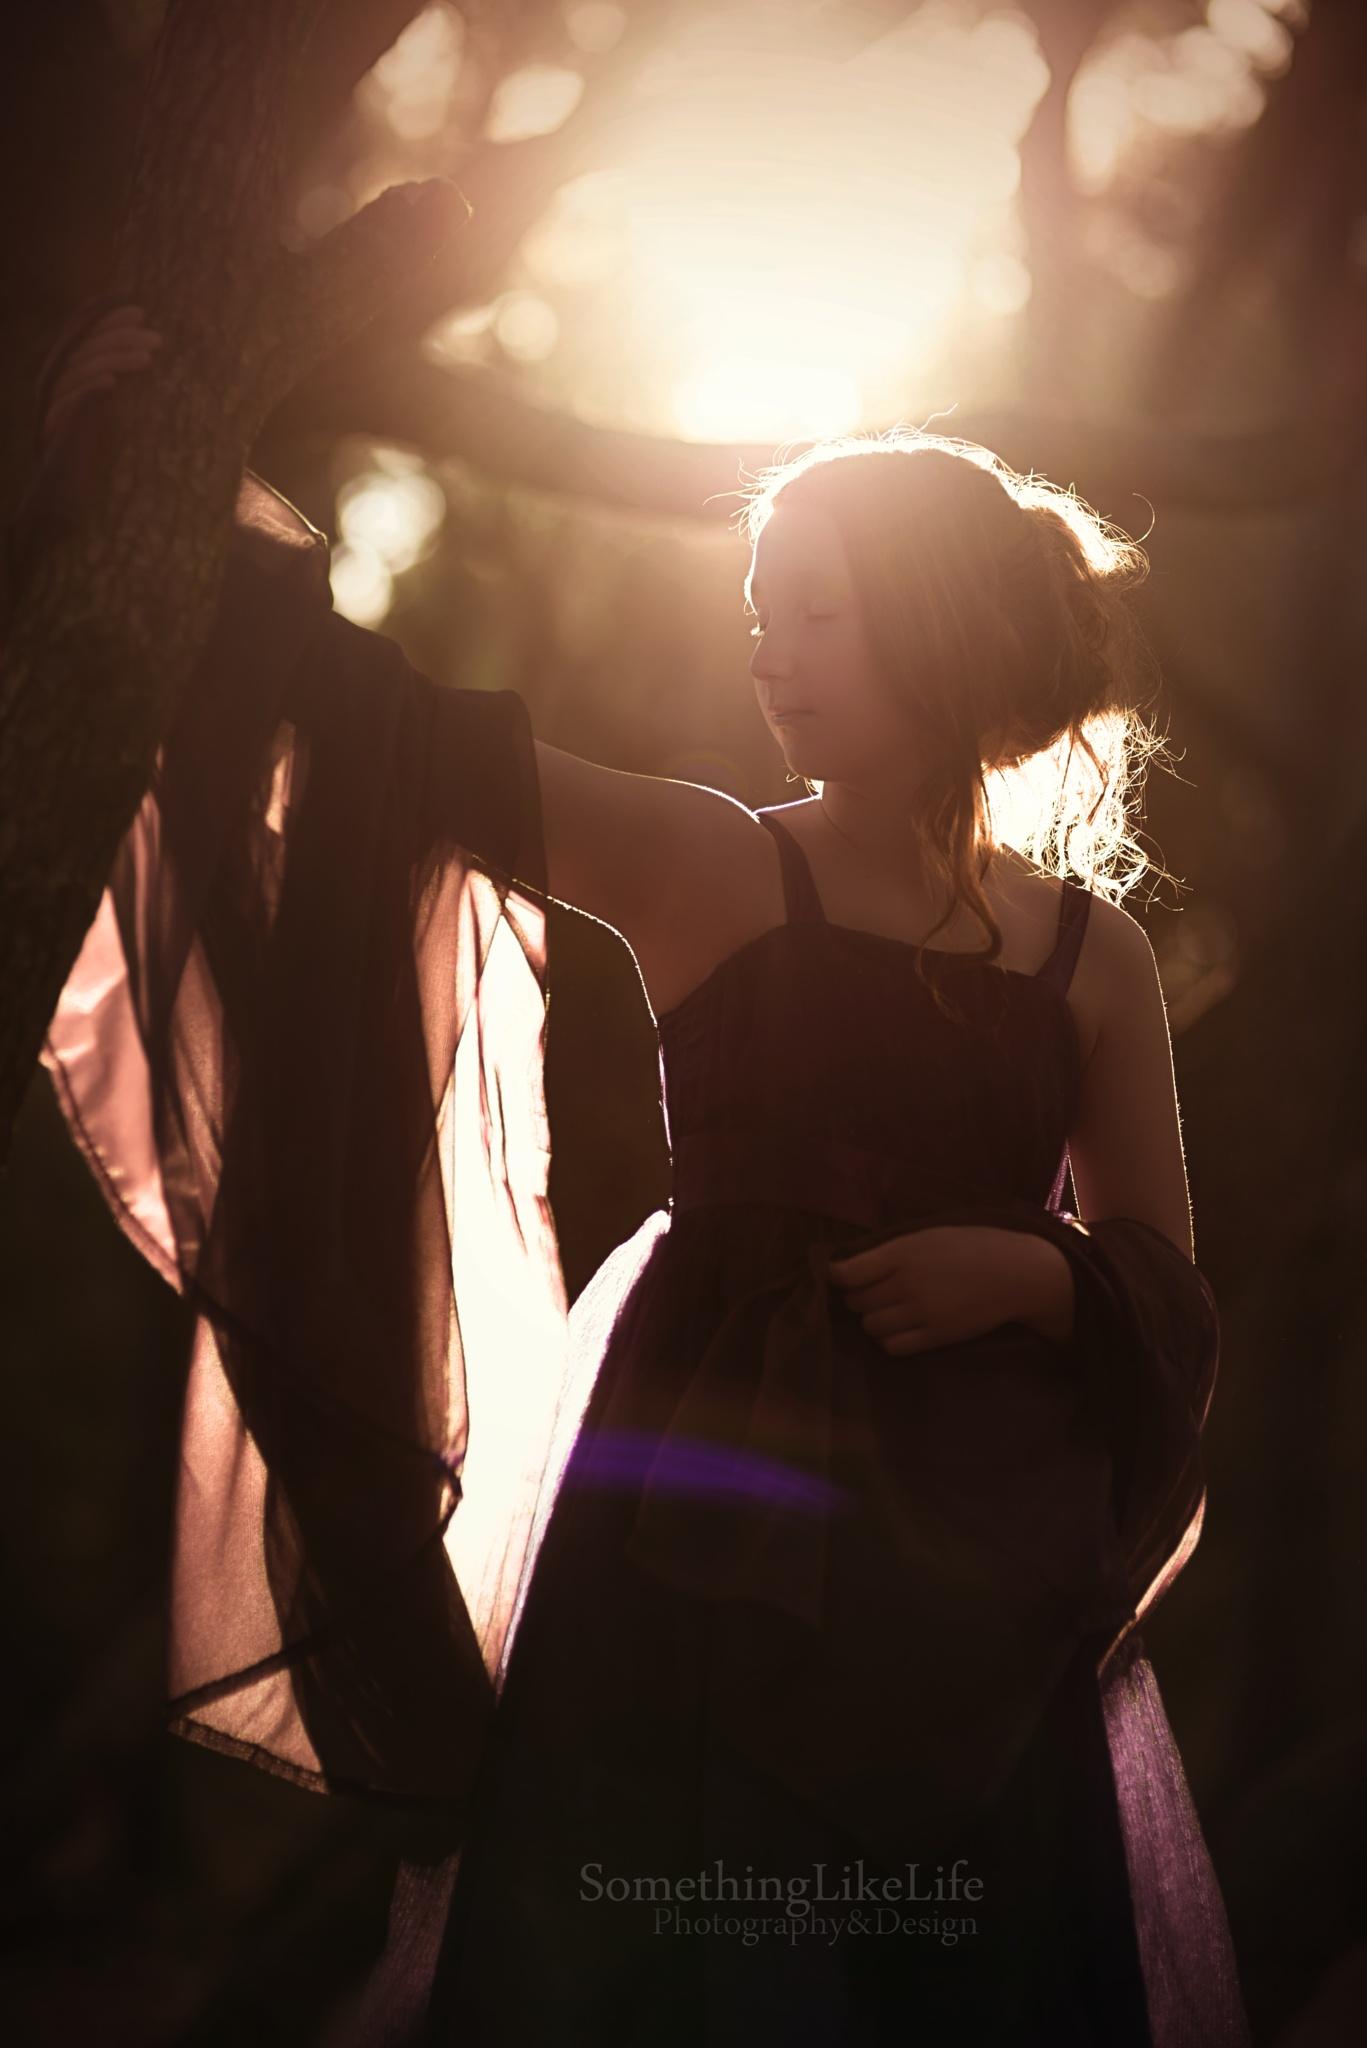 Just before dark by Nikki Roloff